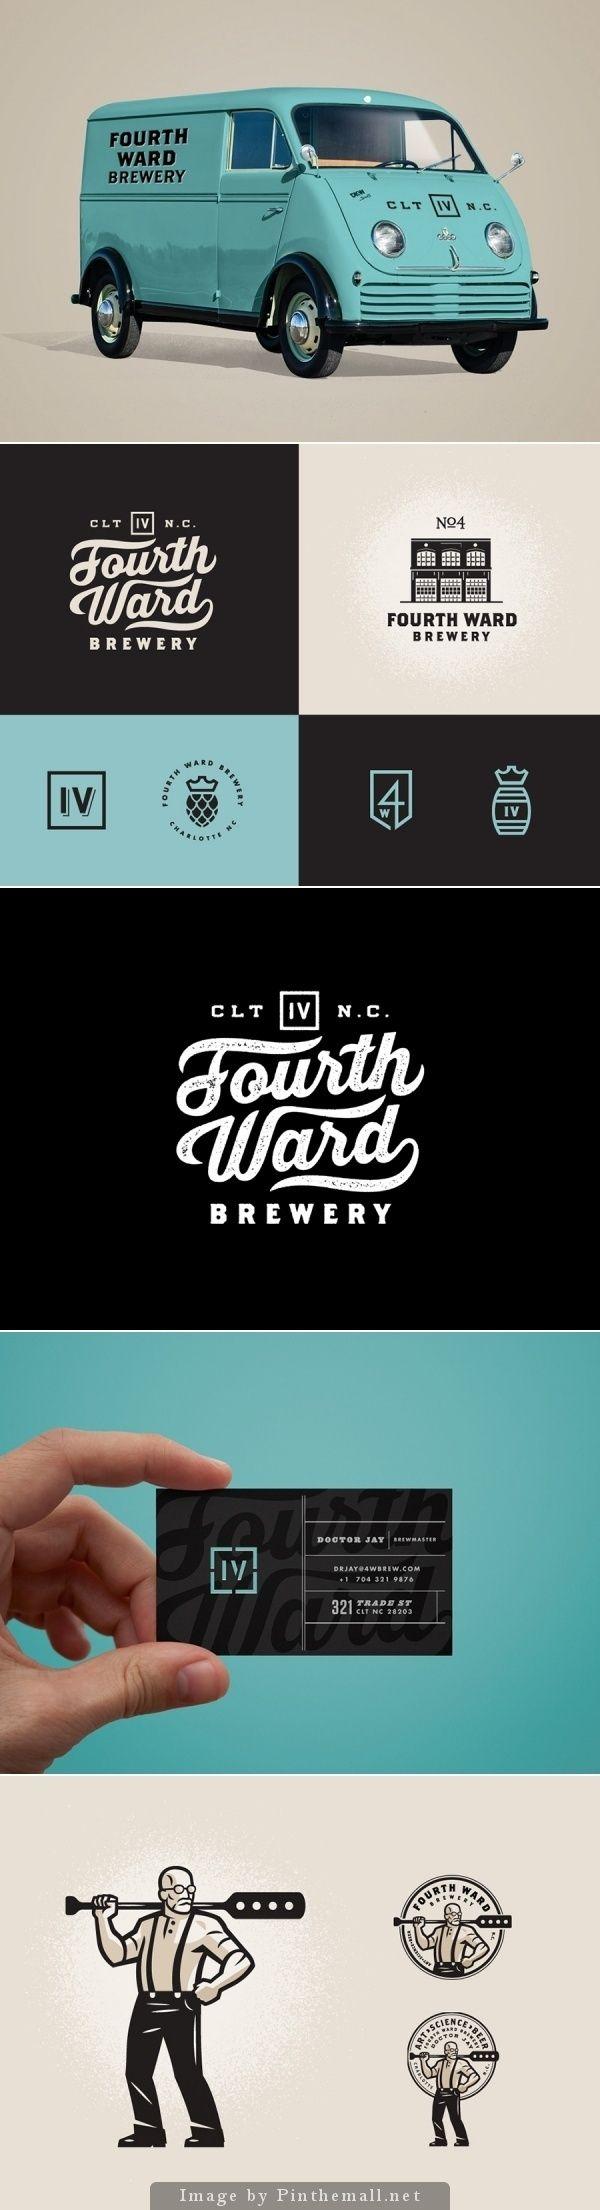 Fourth Ward Brewery Identity